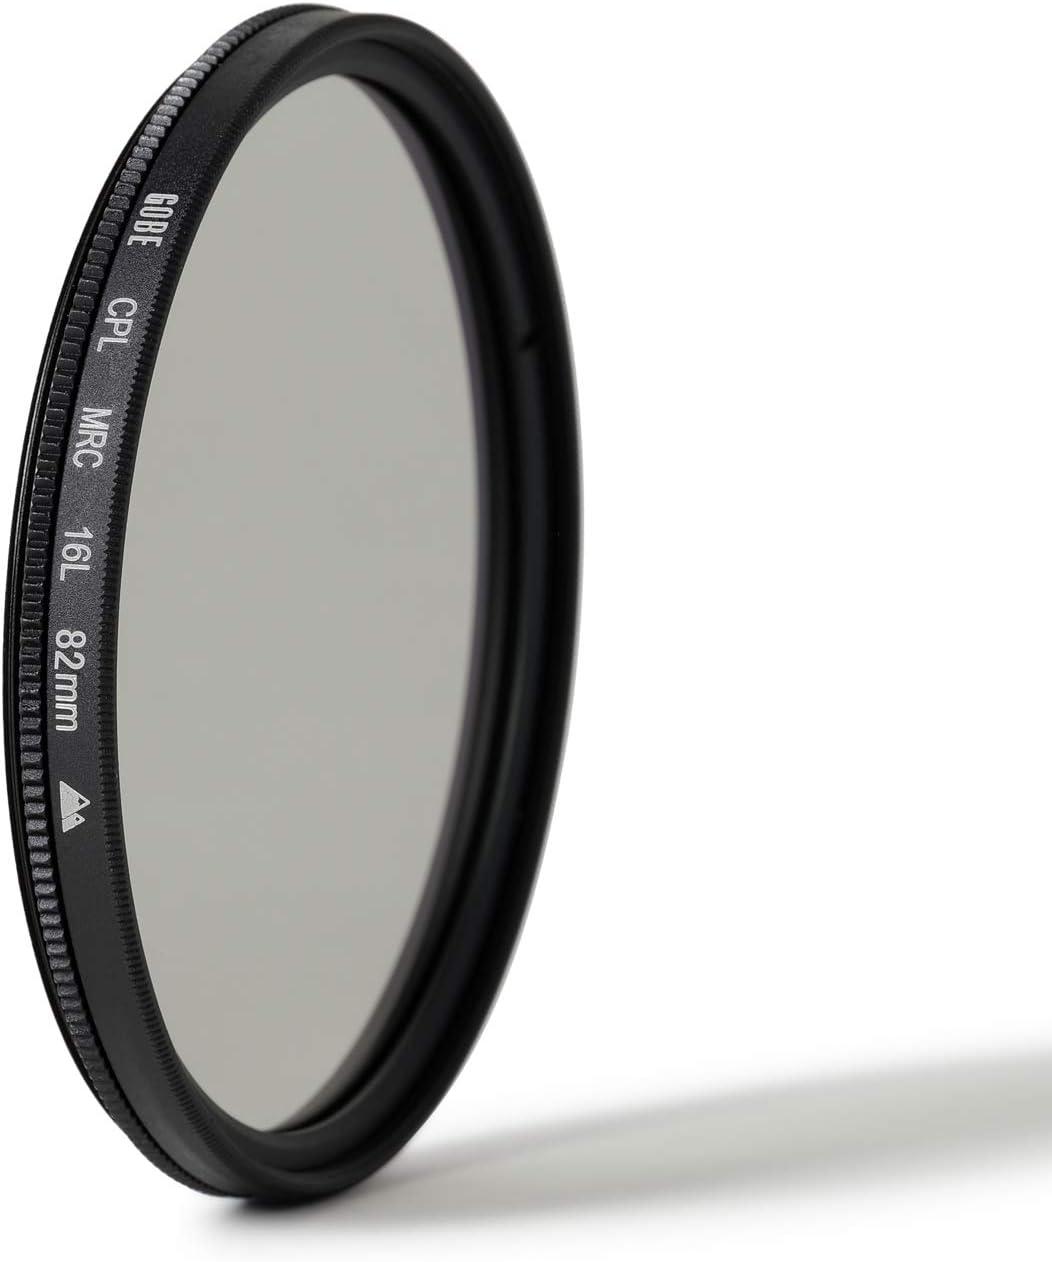 2Peak Lens Filter Gobe 72mm Circular Polarizing CPL